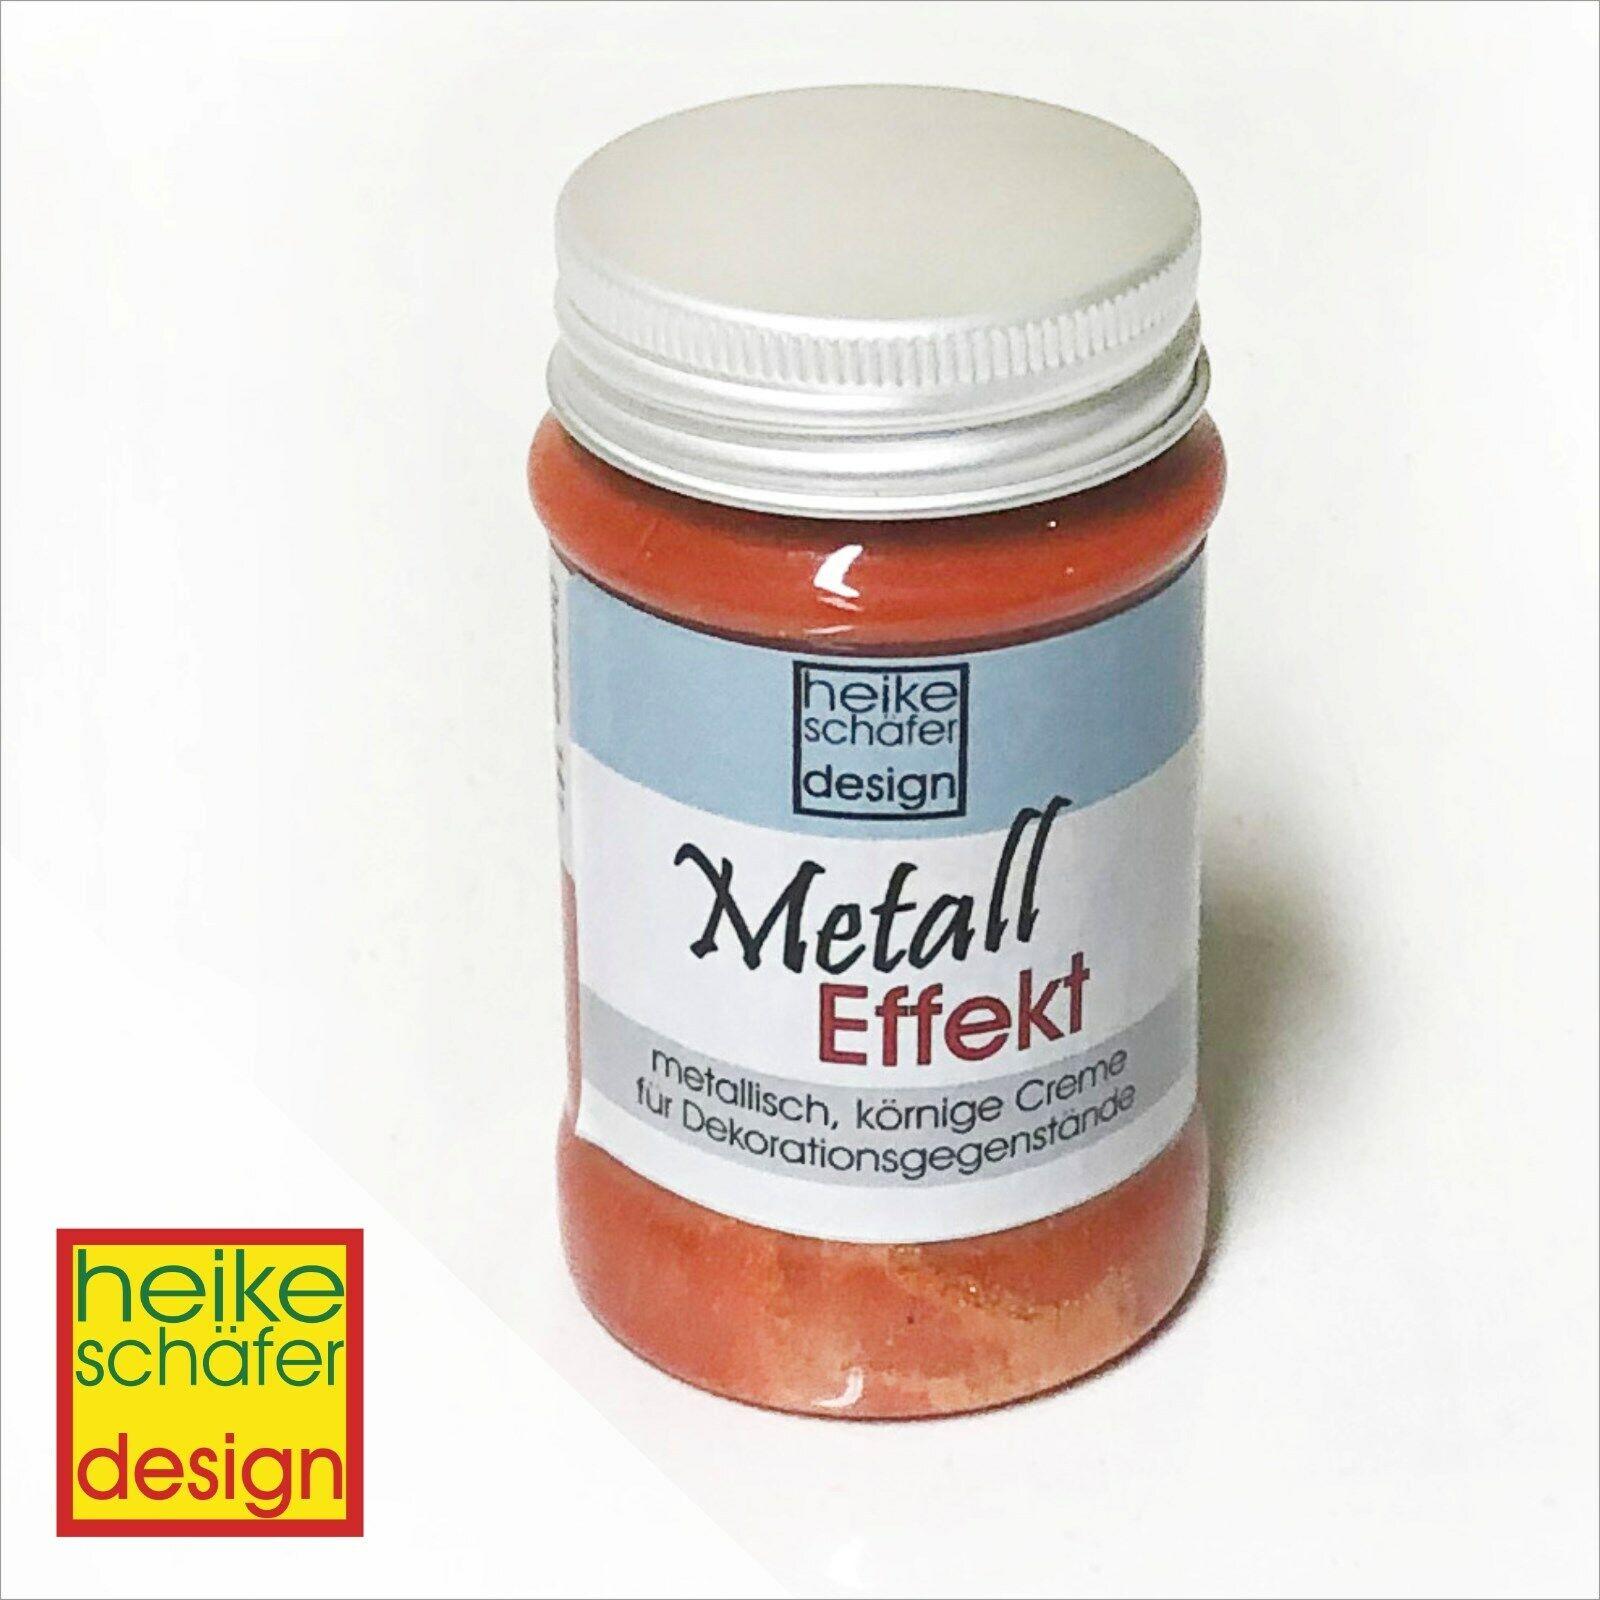 Metall Effekt Creme in Orange 90ml -Neu-  Heike Schäfer Design